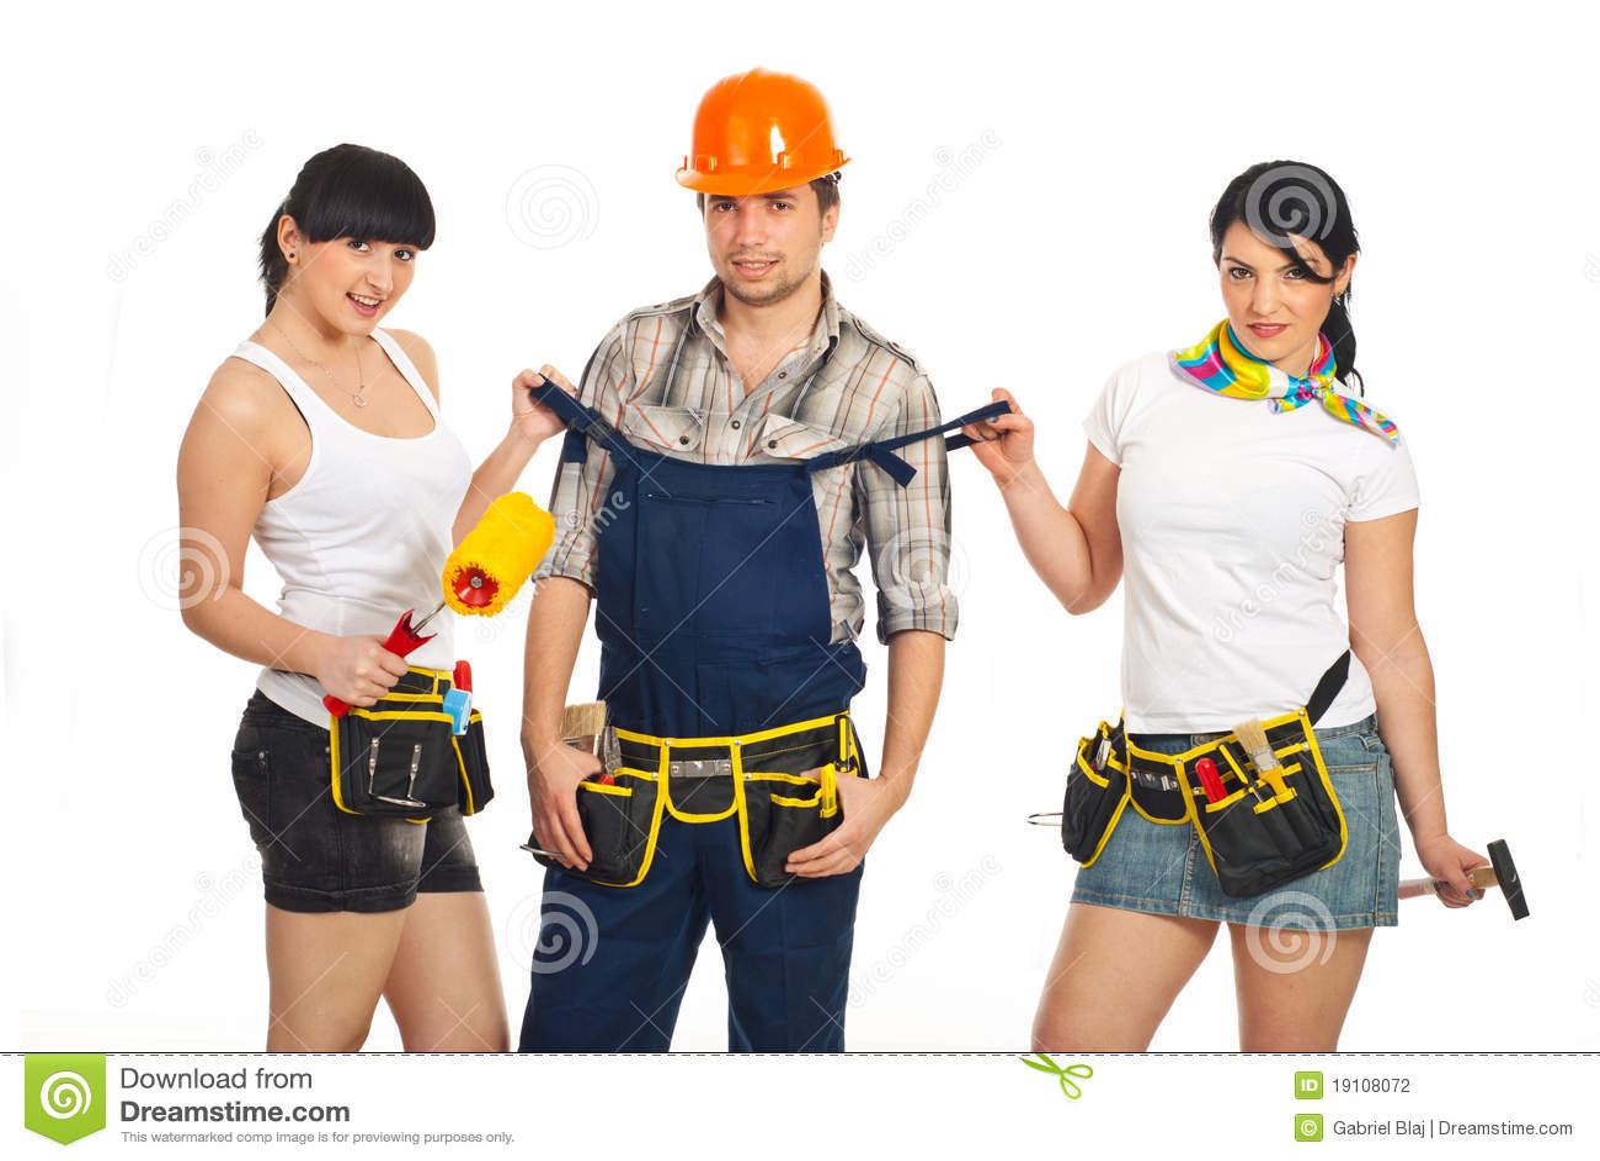 3 ouvriers se tapent la salope de proprio 9